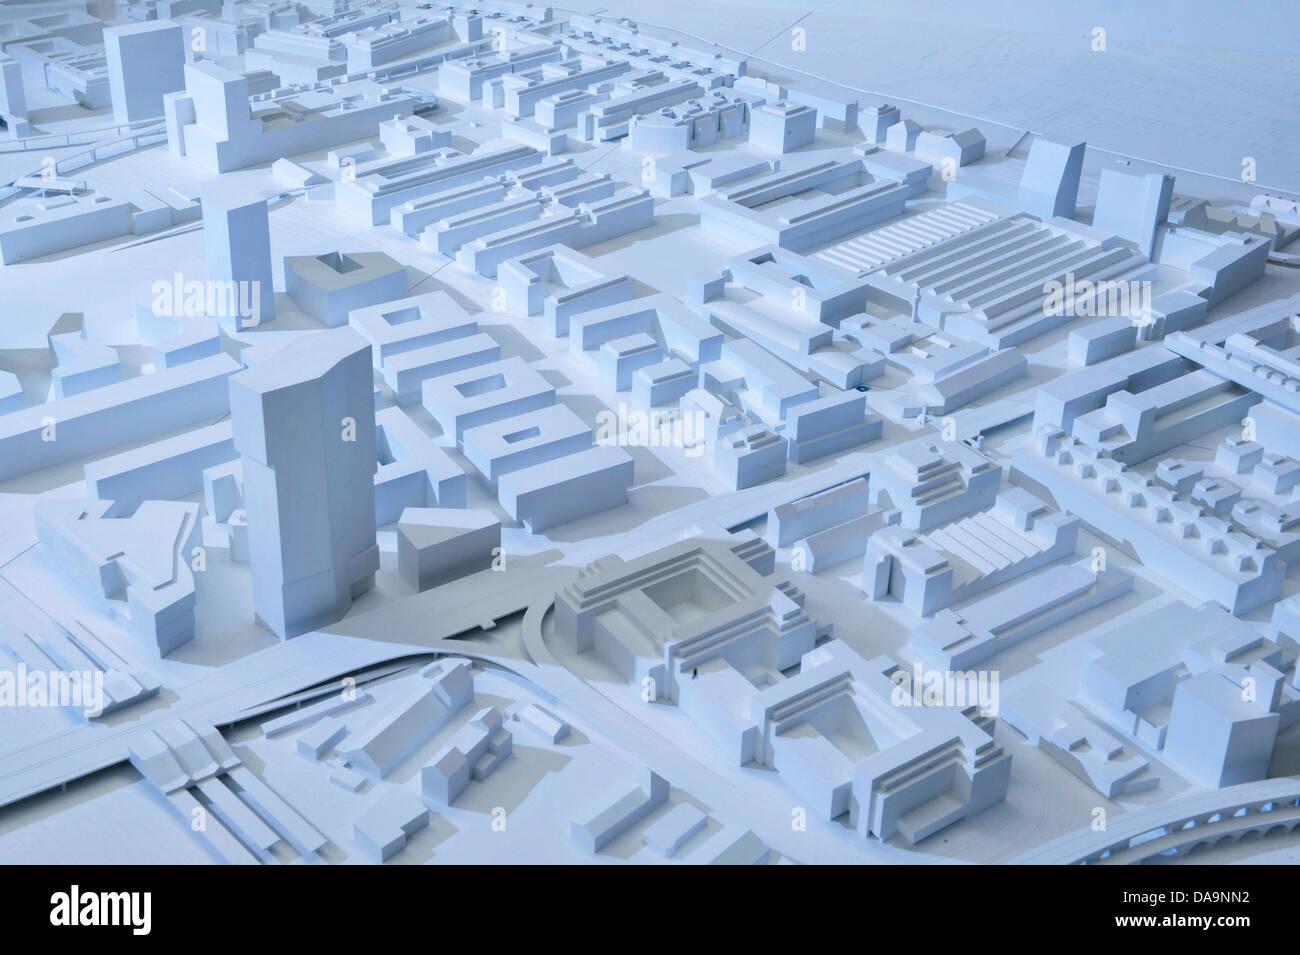 Zurich suisse technopark bureaux architecture ville ville